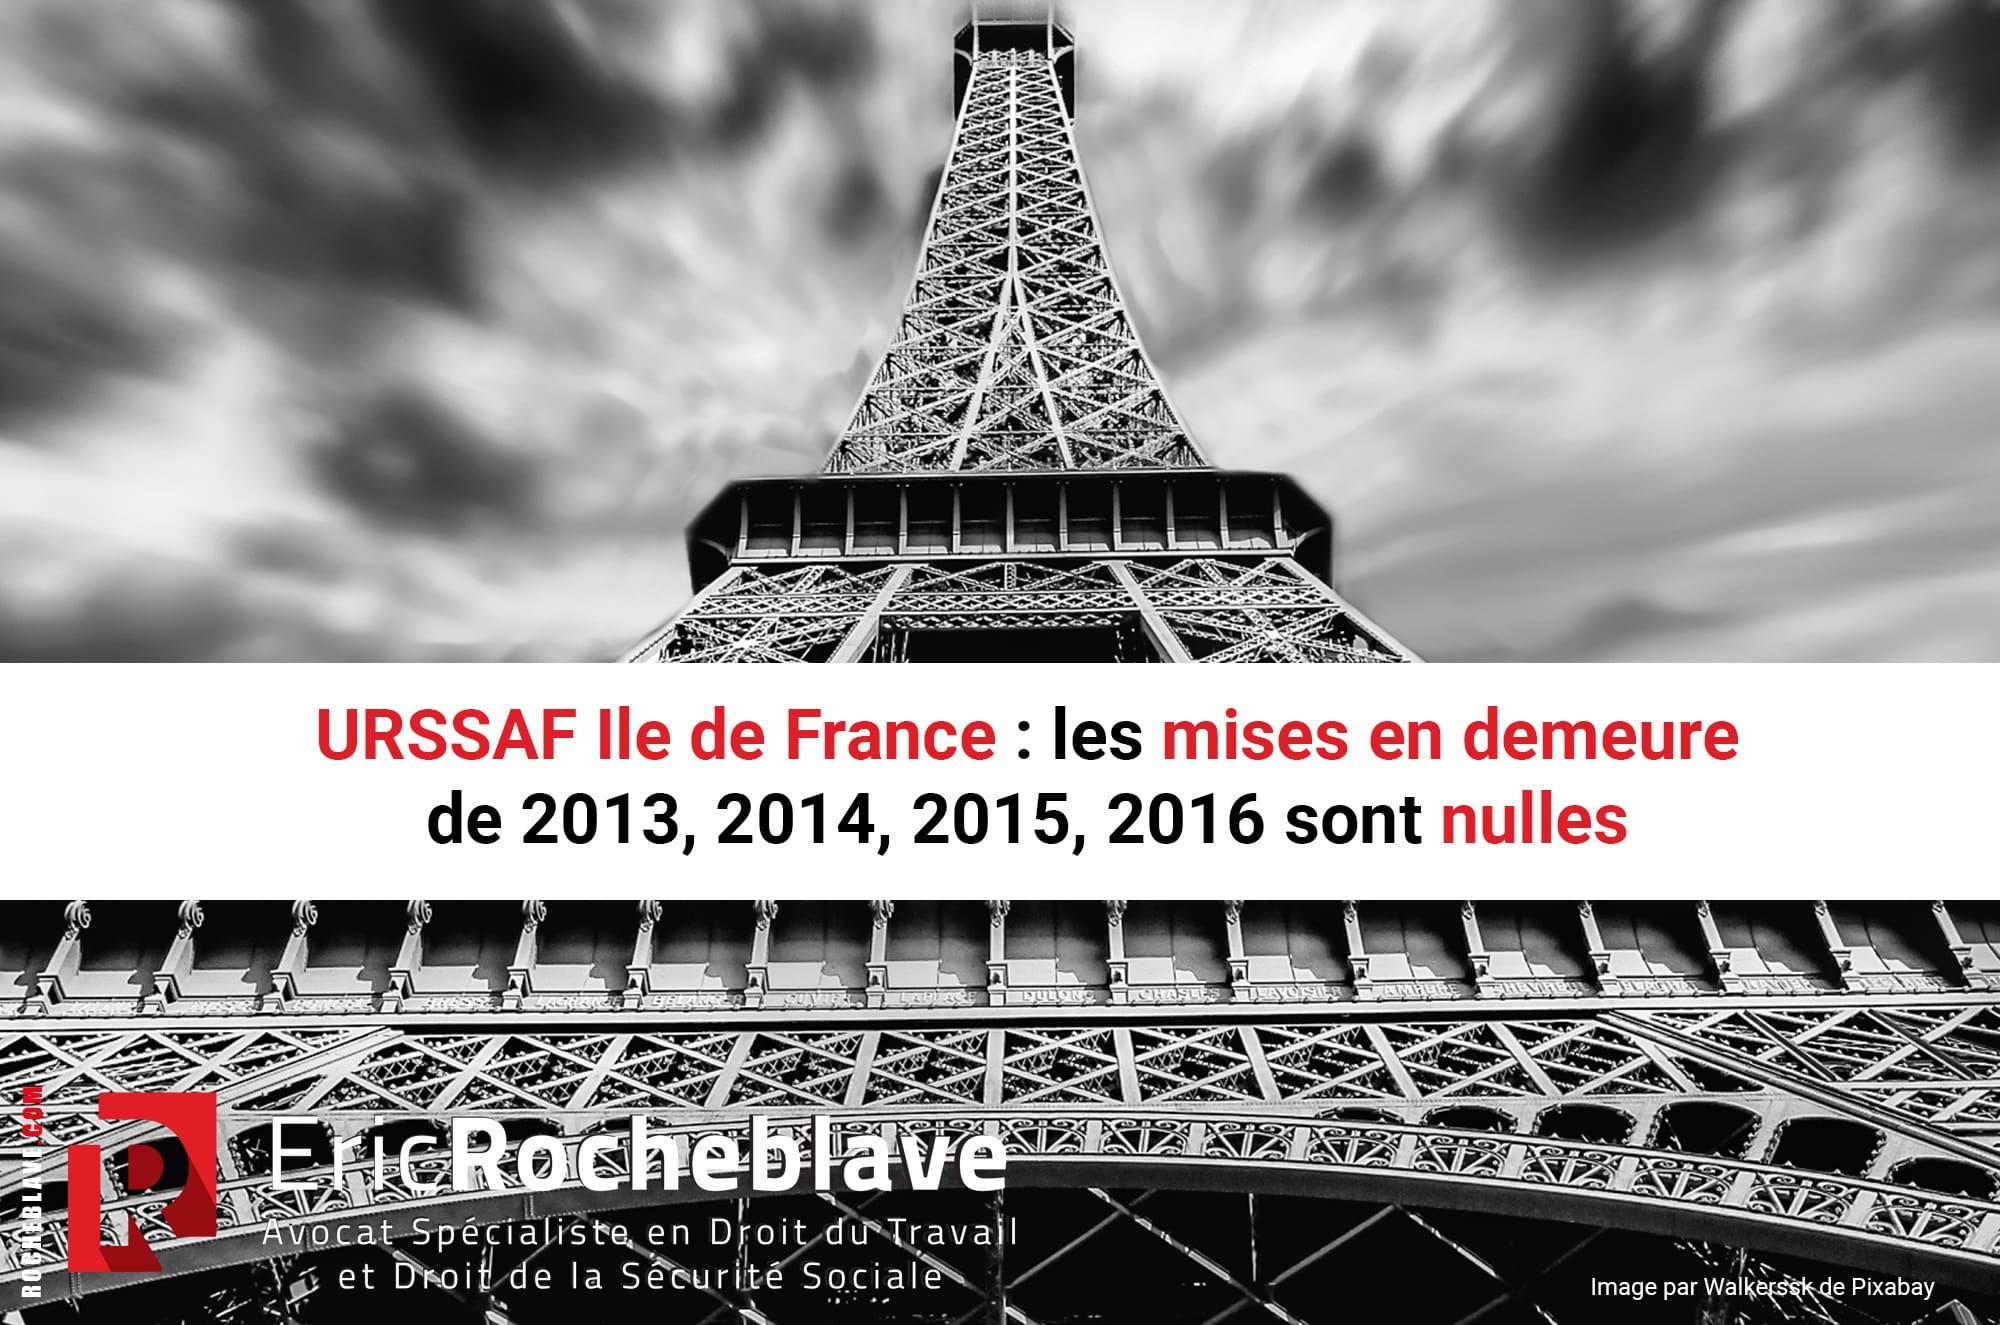 URSSAF Ile de France : les mises en demeure de 2013, 2014, 2015, 2016 sont nulles